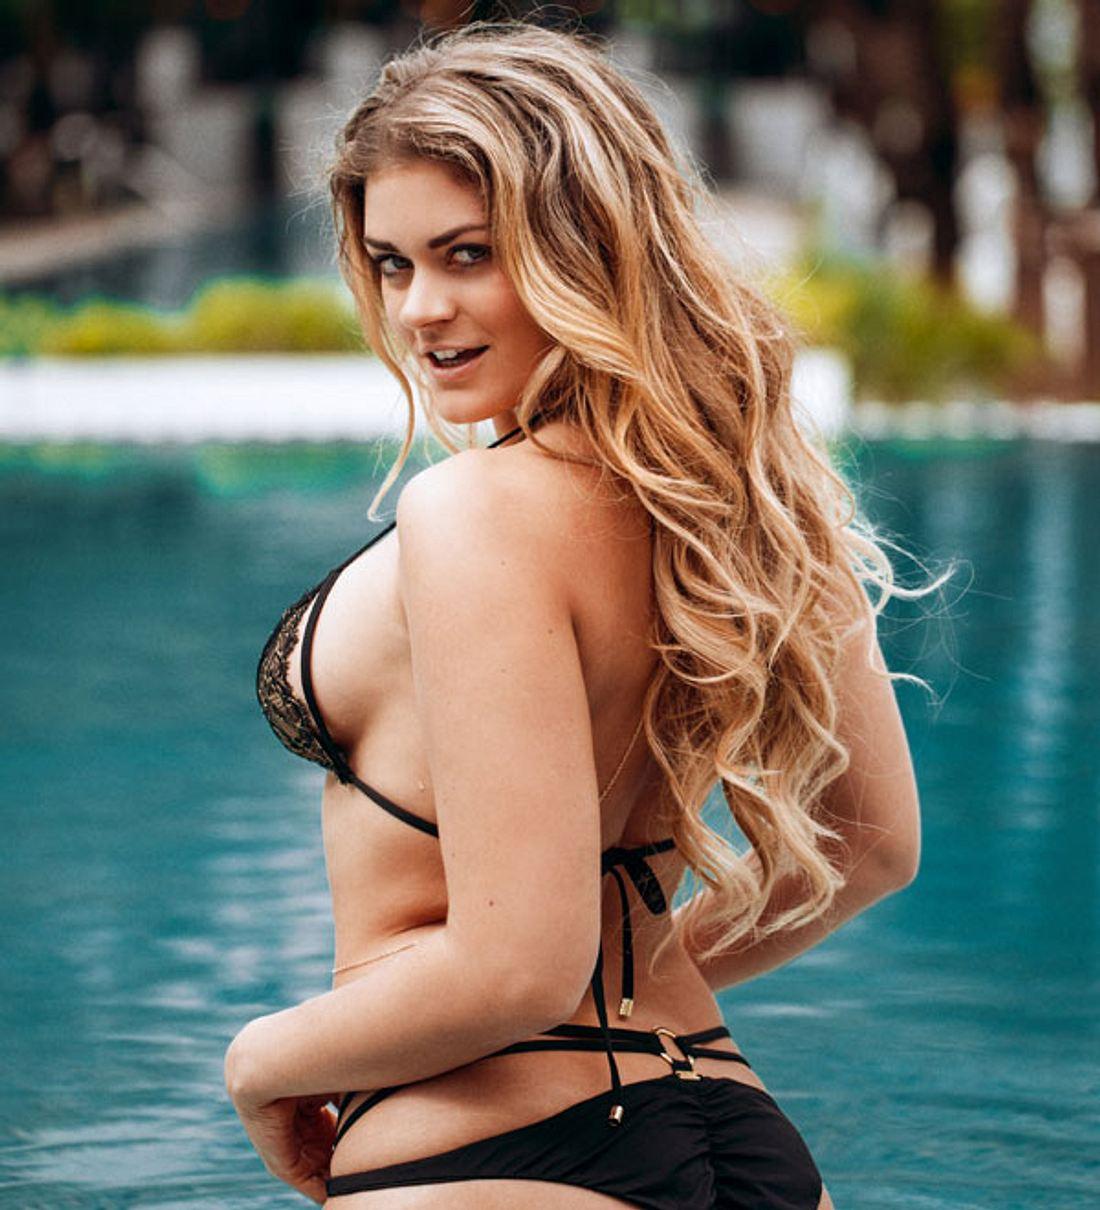 Bachelor Kandidatin Christina: Ausraster bei Kiss Bang Love